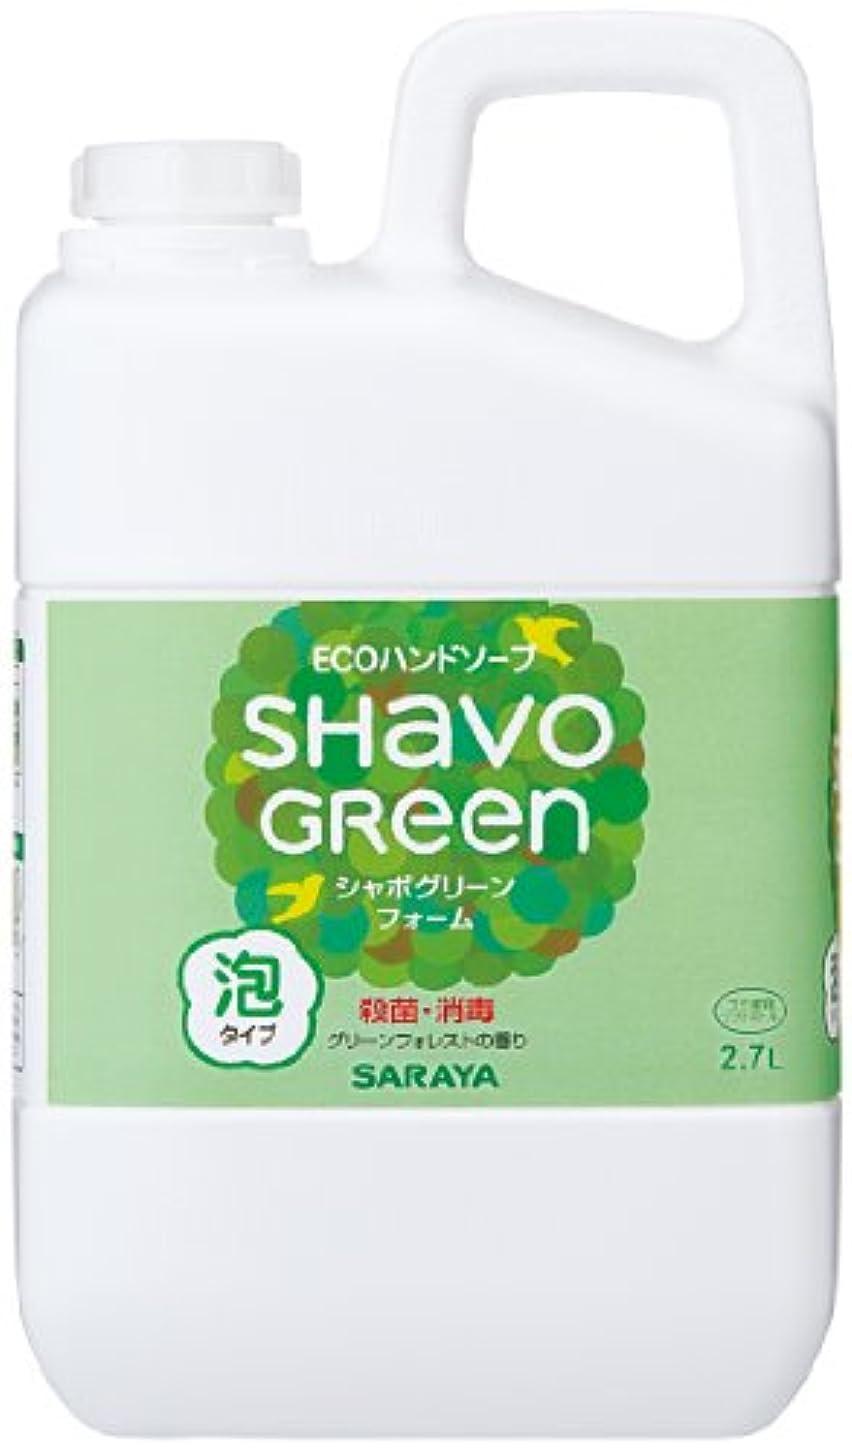 使用法金銭的な服を着るサラヤ シャボグリーン フォーム 詰替用 2.7L